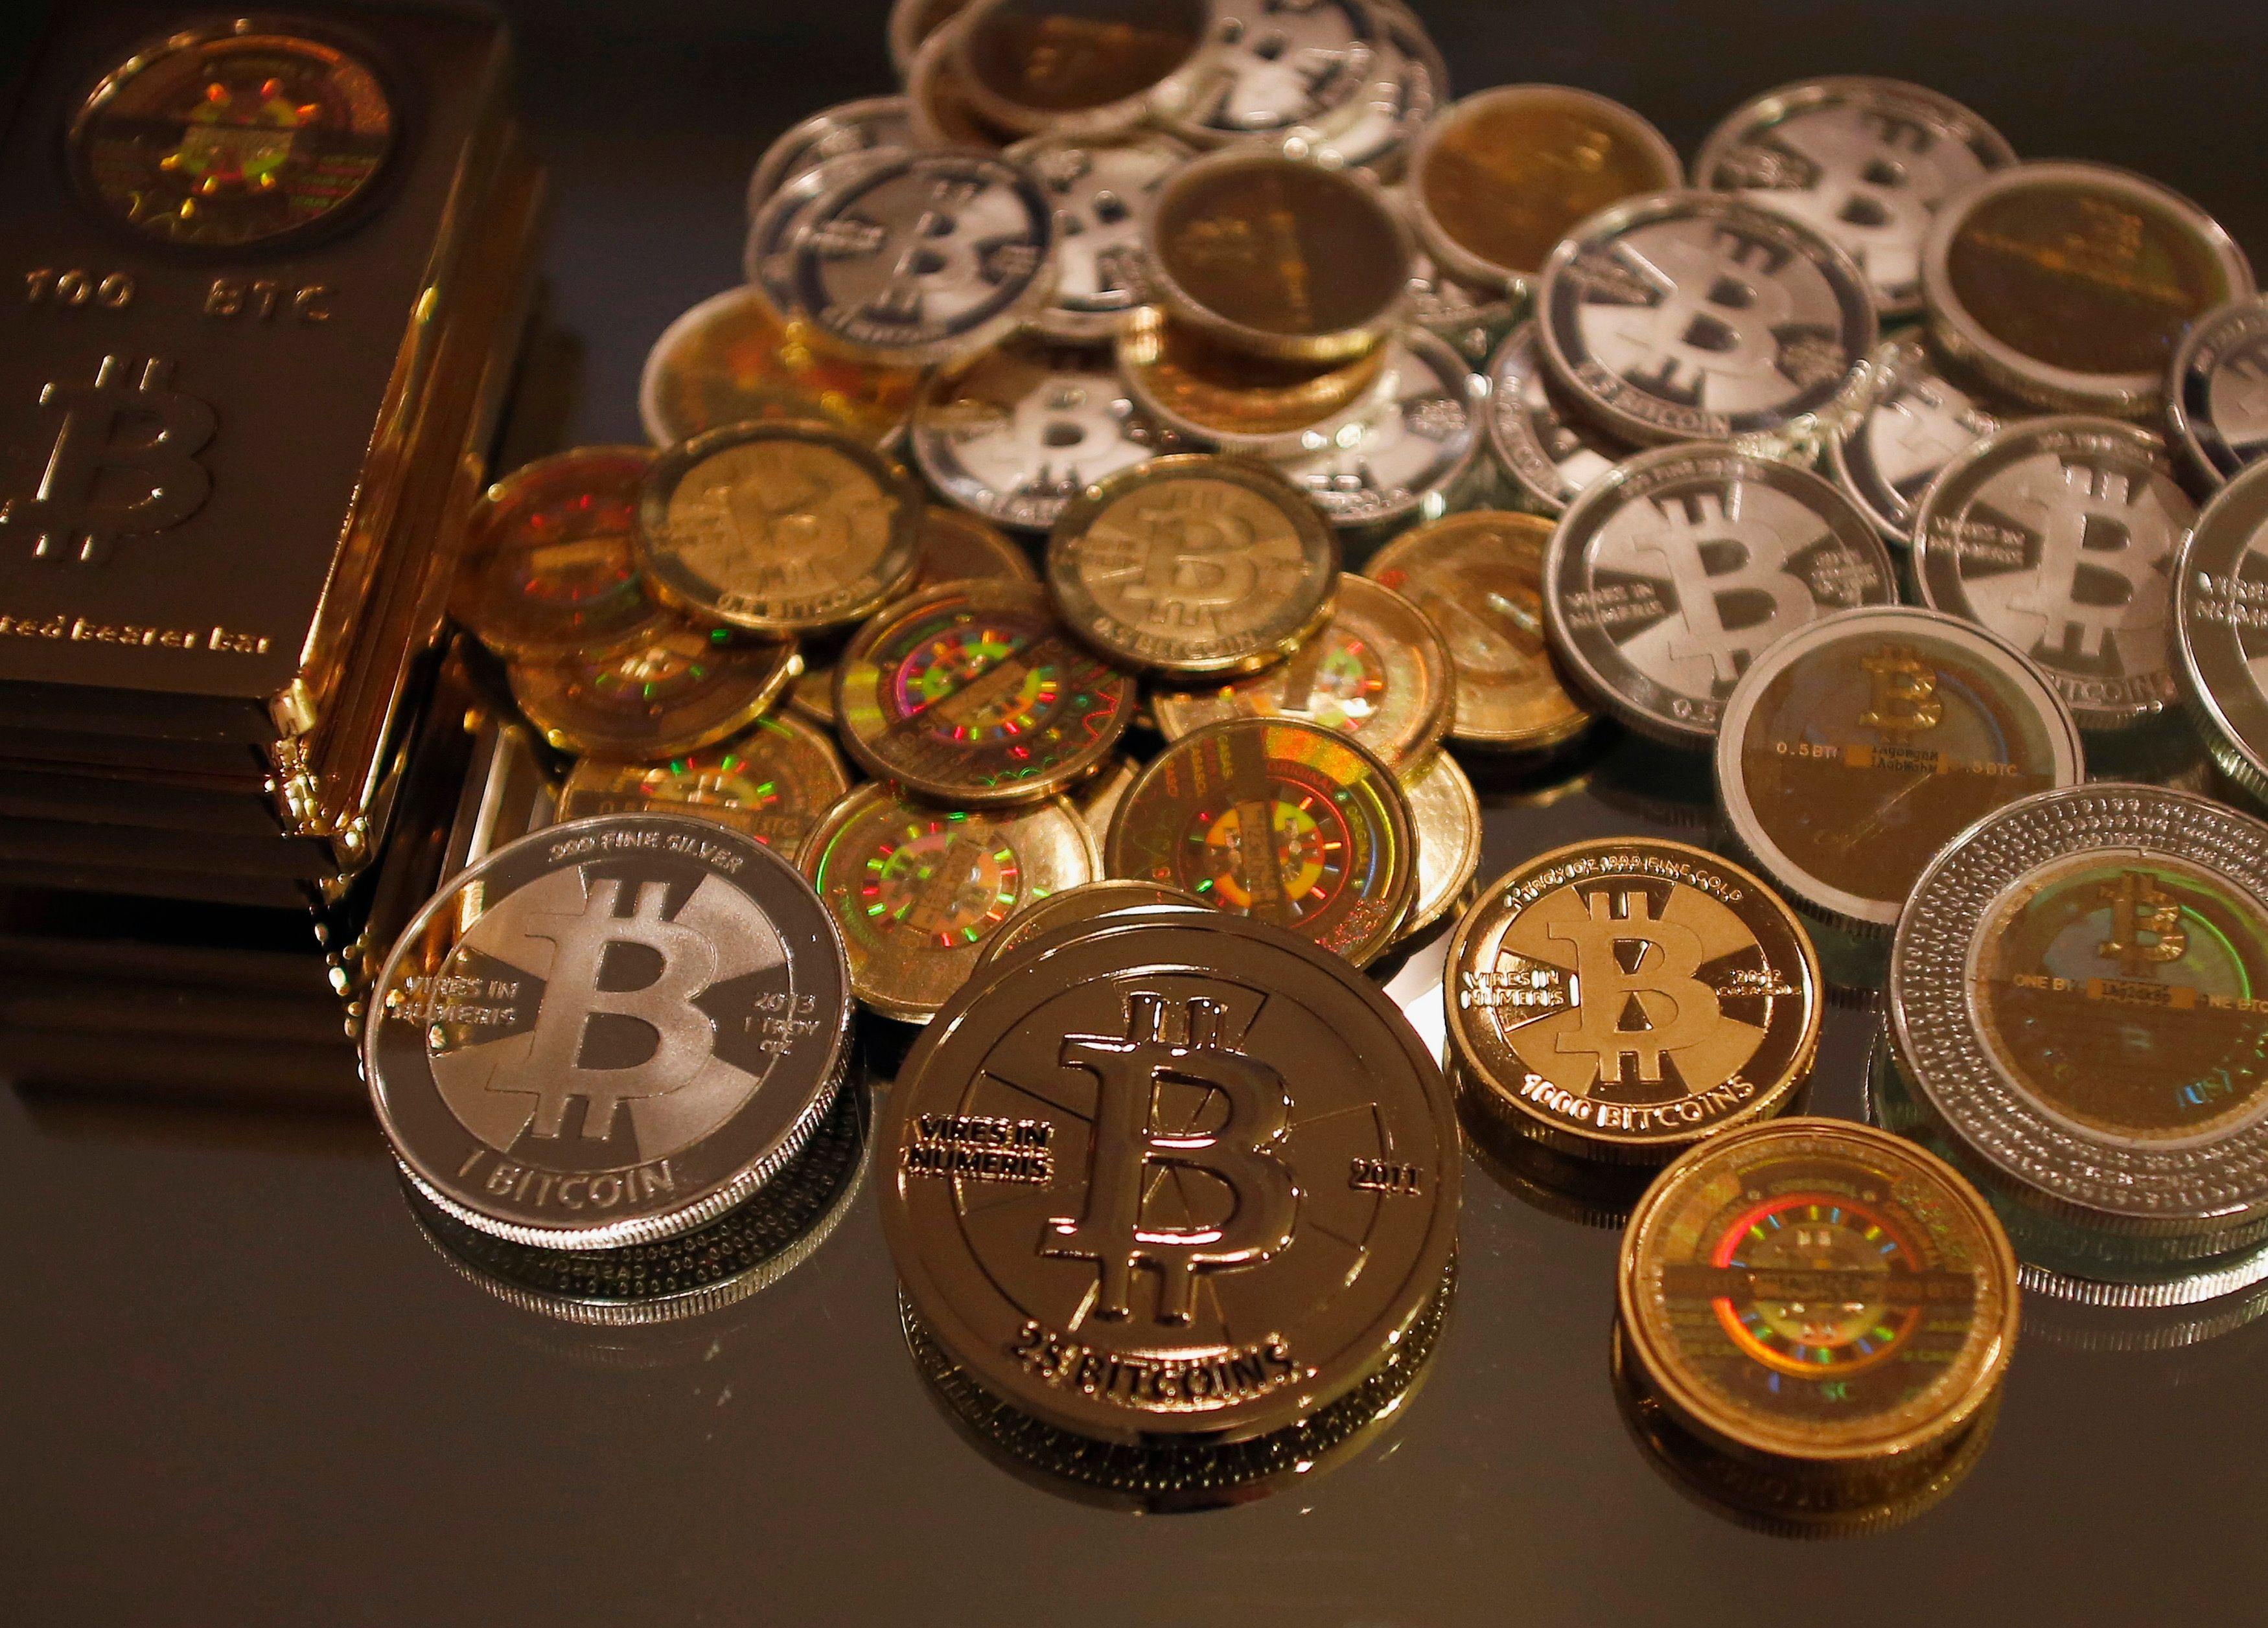 Plus fort que le BitCoin, Facebook crée sa propre monnaie mais franchit la ligne jaune de la souveraineté monétaire des Etats